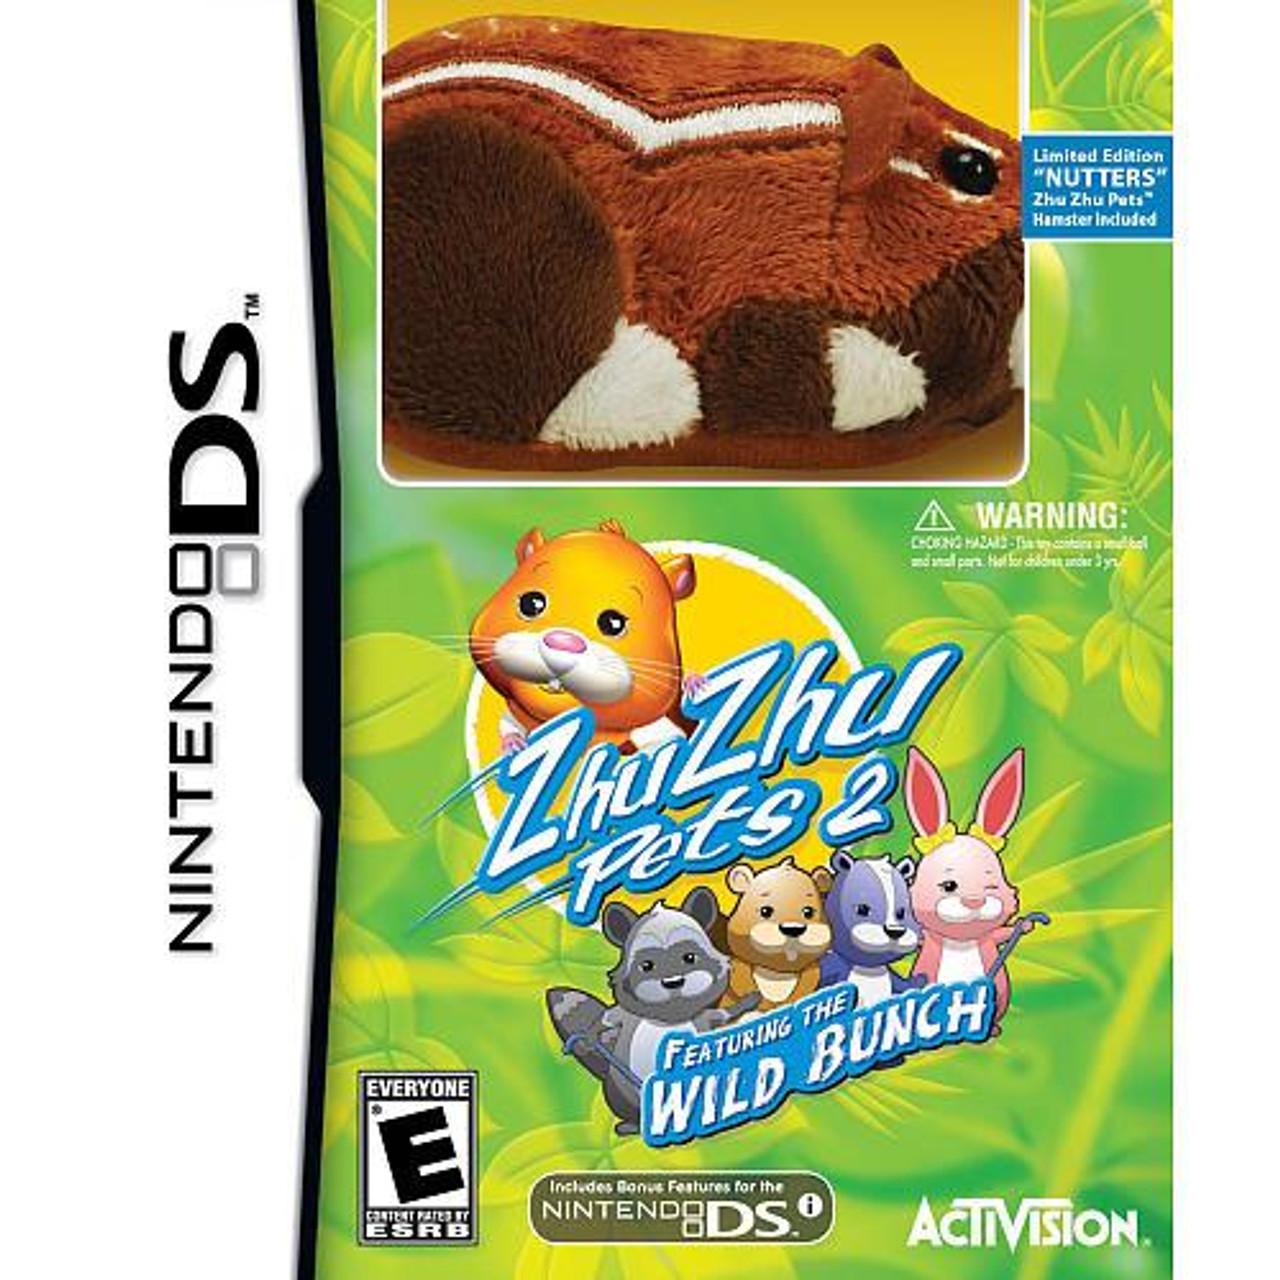 Nintendo DS Zhu Zhu Pets 2: Wild Bunch Exclusive Video Game